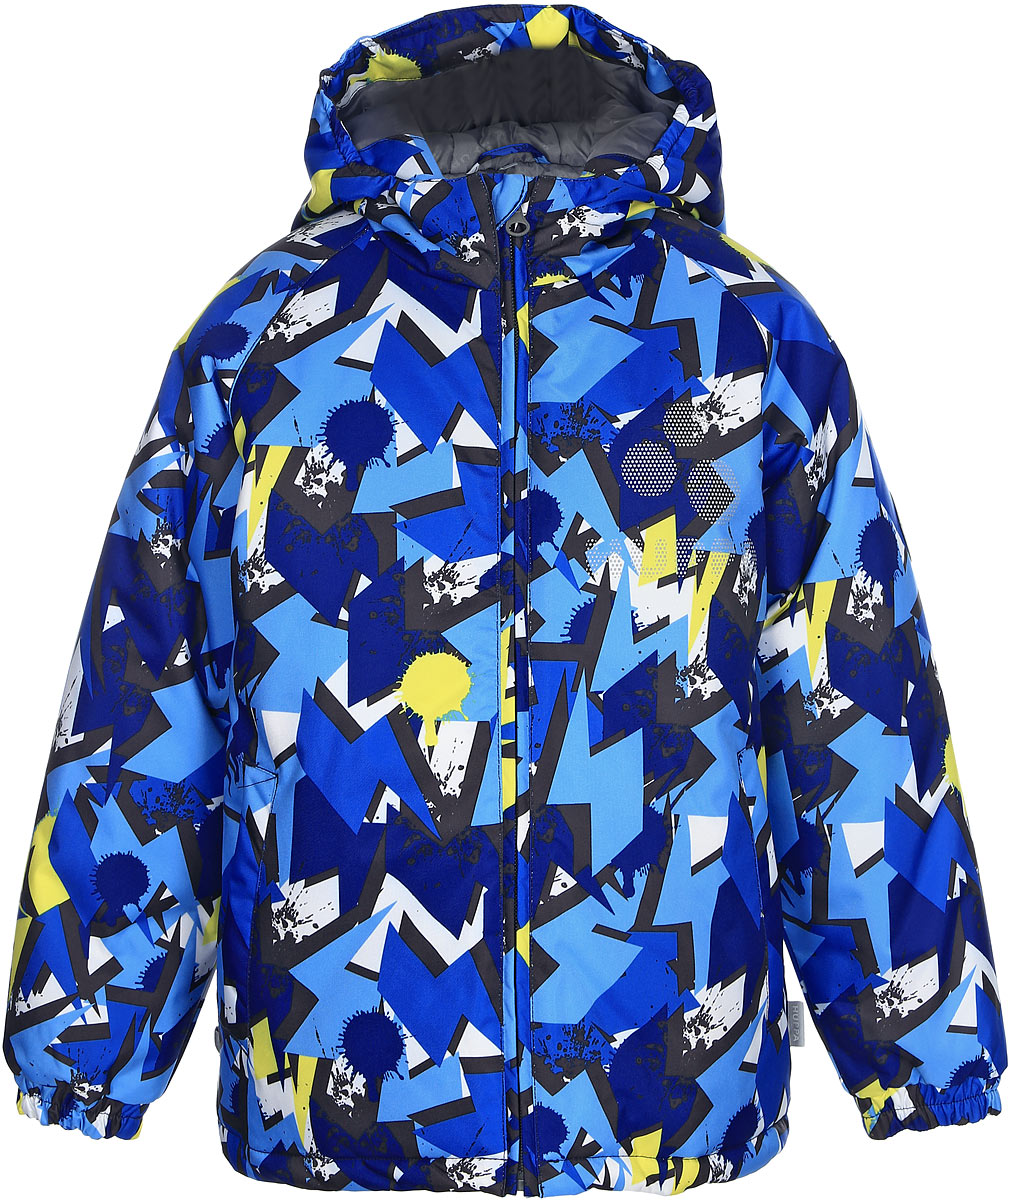 Куртка для мальчика Huppa Classy, цвет: темно-синий. 17710030-63486. Размер 12217710030-63486Куртка для мальчика Huppa выполнена из высококачественного водонепроницаемого и ветрозащитного материала на основе полиэстера. Куртка c длинными рукавами, воротником-стойкой и съемным капюшоном. Модель застегивается на застежку-молнию с защитой подбородка спереди. Изделие имеет два прорезных кармана на застежках-молниях. Манжеты рукавов собраны на внутренние резинки. На изделии имеются светоотражательные элементы для безопасности в темное время суток.